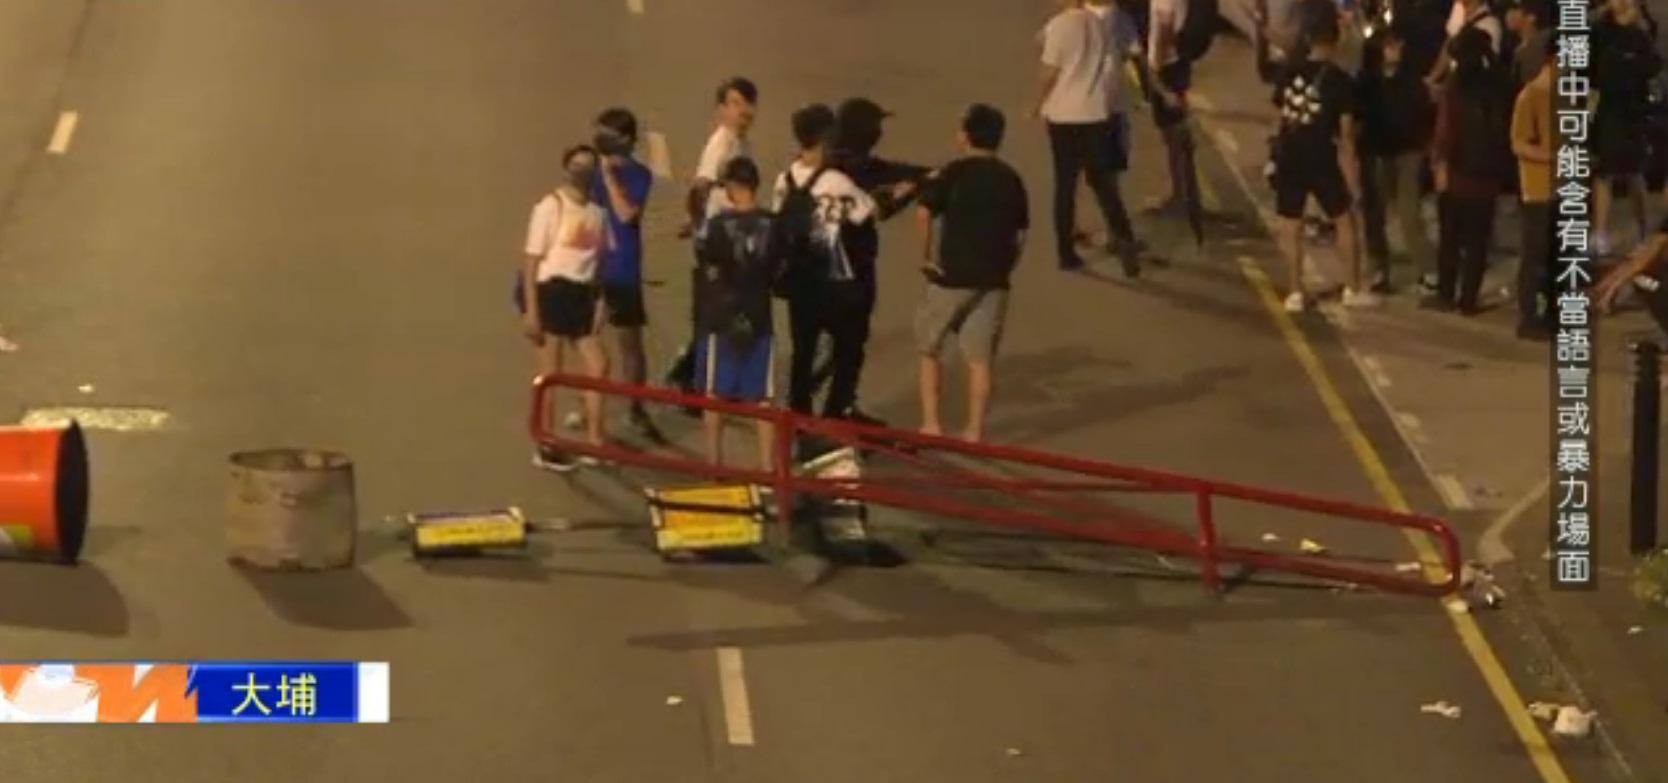 大埔有示威者堵路。NOW新聞截圖